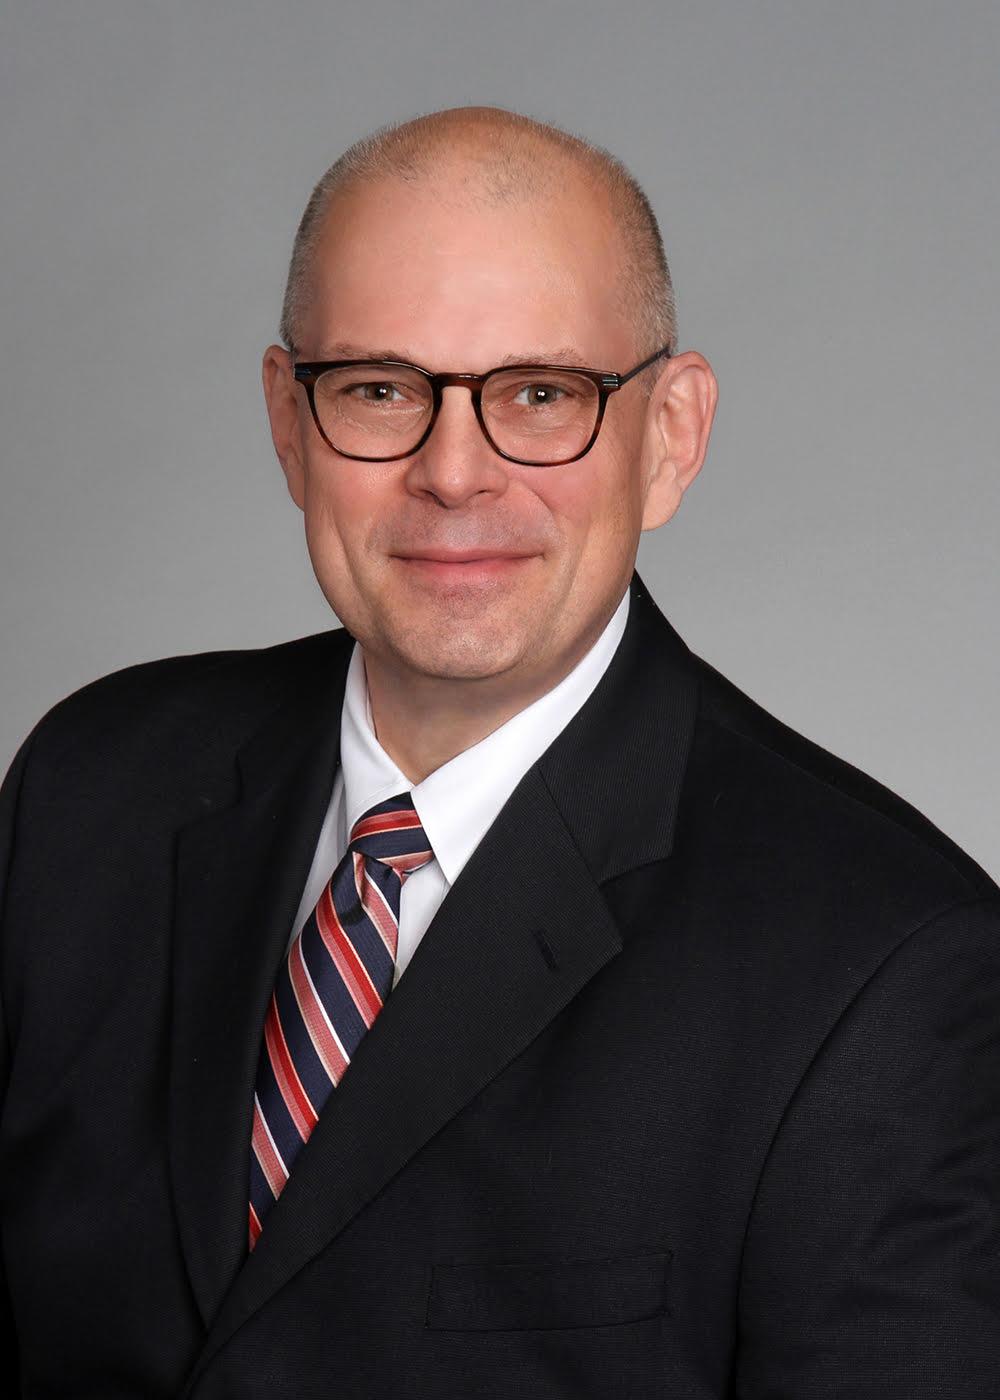 Thomas Wakefield at Compass Insurance in Murfreesboro headshot